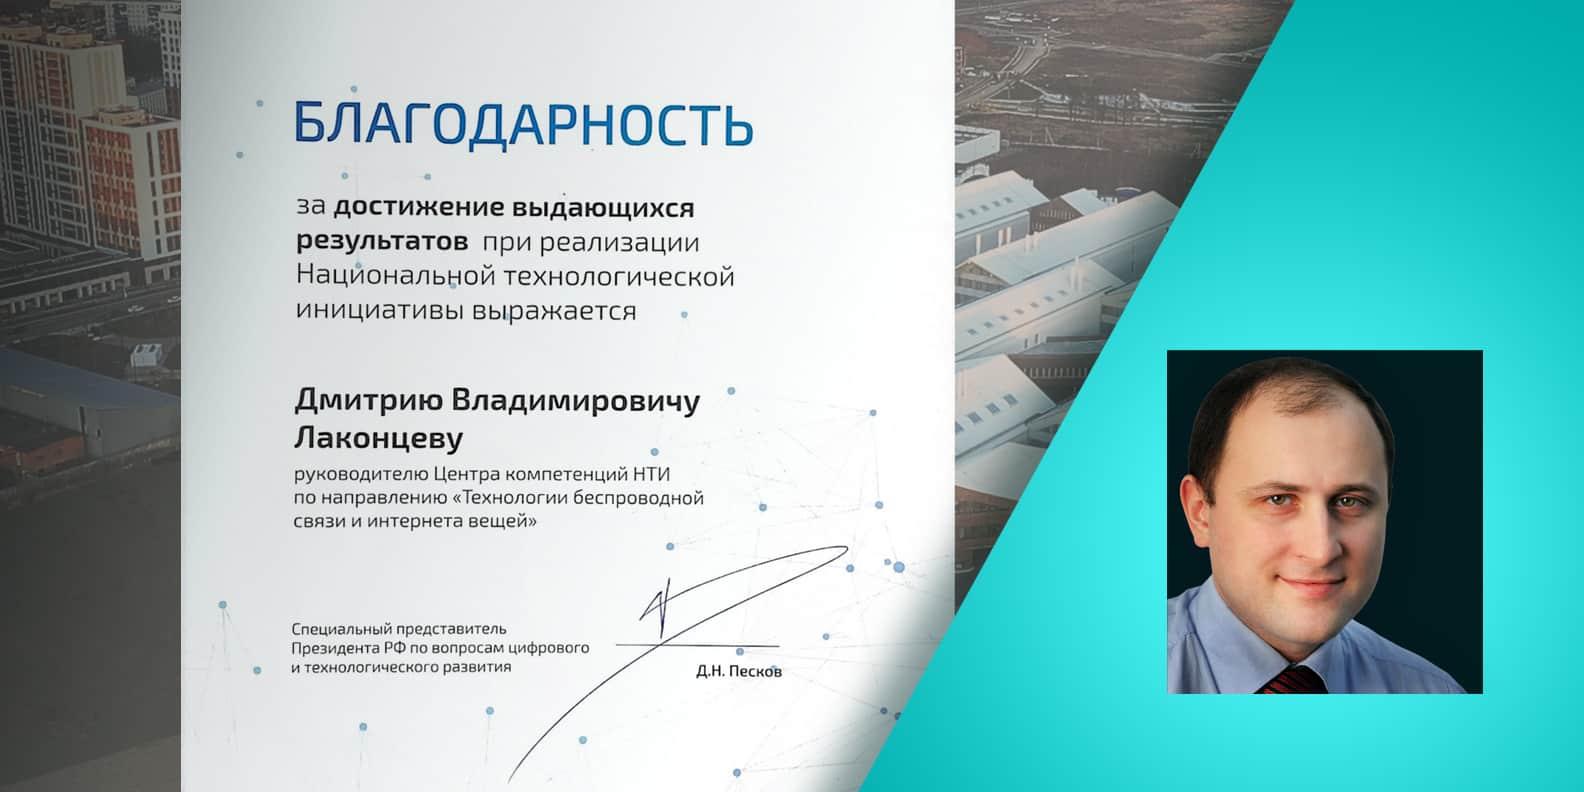 Проекты Центра компетенций НТИ на базе Сколтеха по созданию пилотной зоны с российским оборудованием 5G и разработке сверхвысокочастотного электрооптического модулятора для 6G удостоились почетной награды «Технологический прорыв 2020». Премия присуждается…